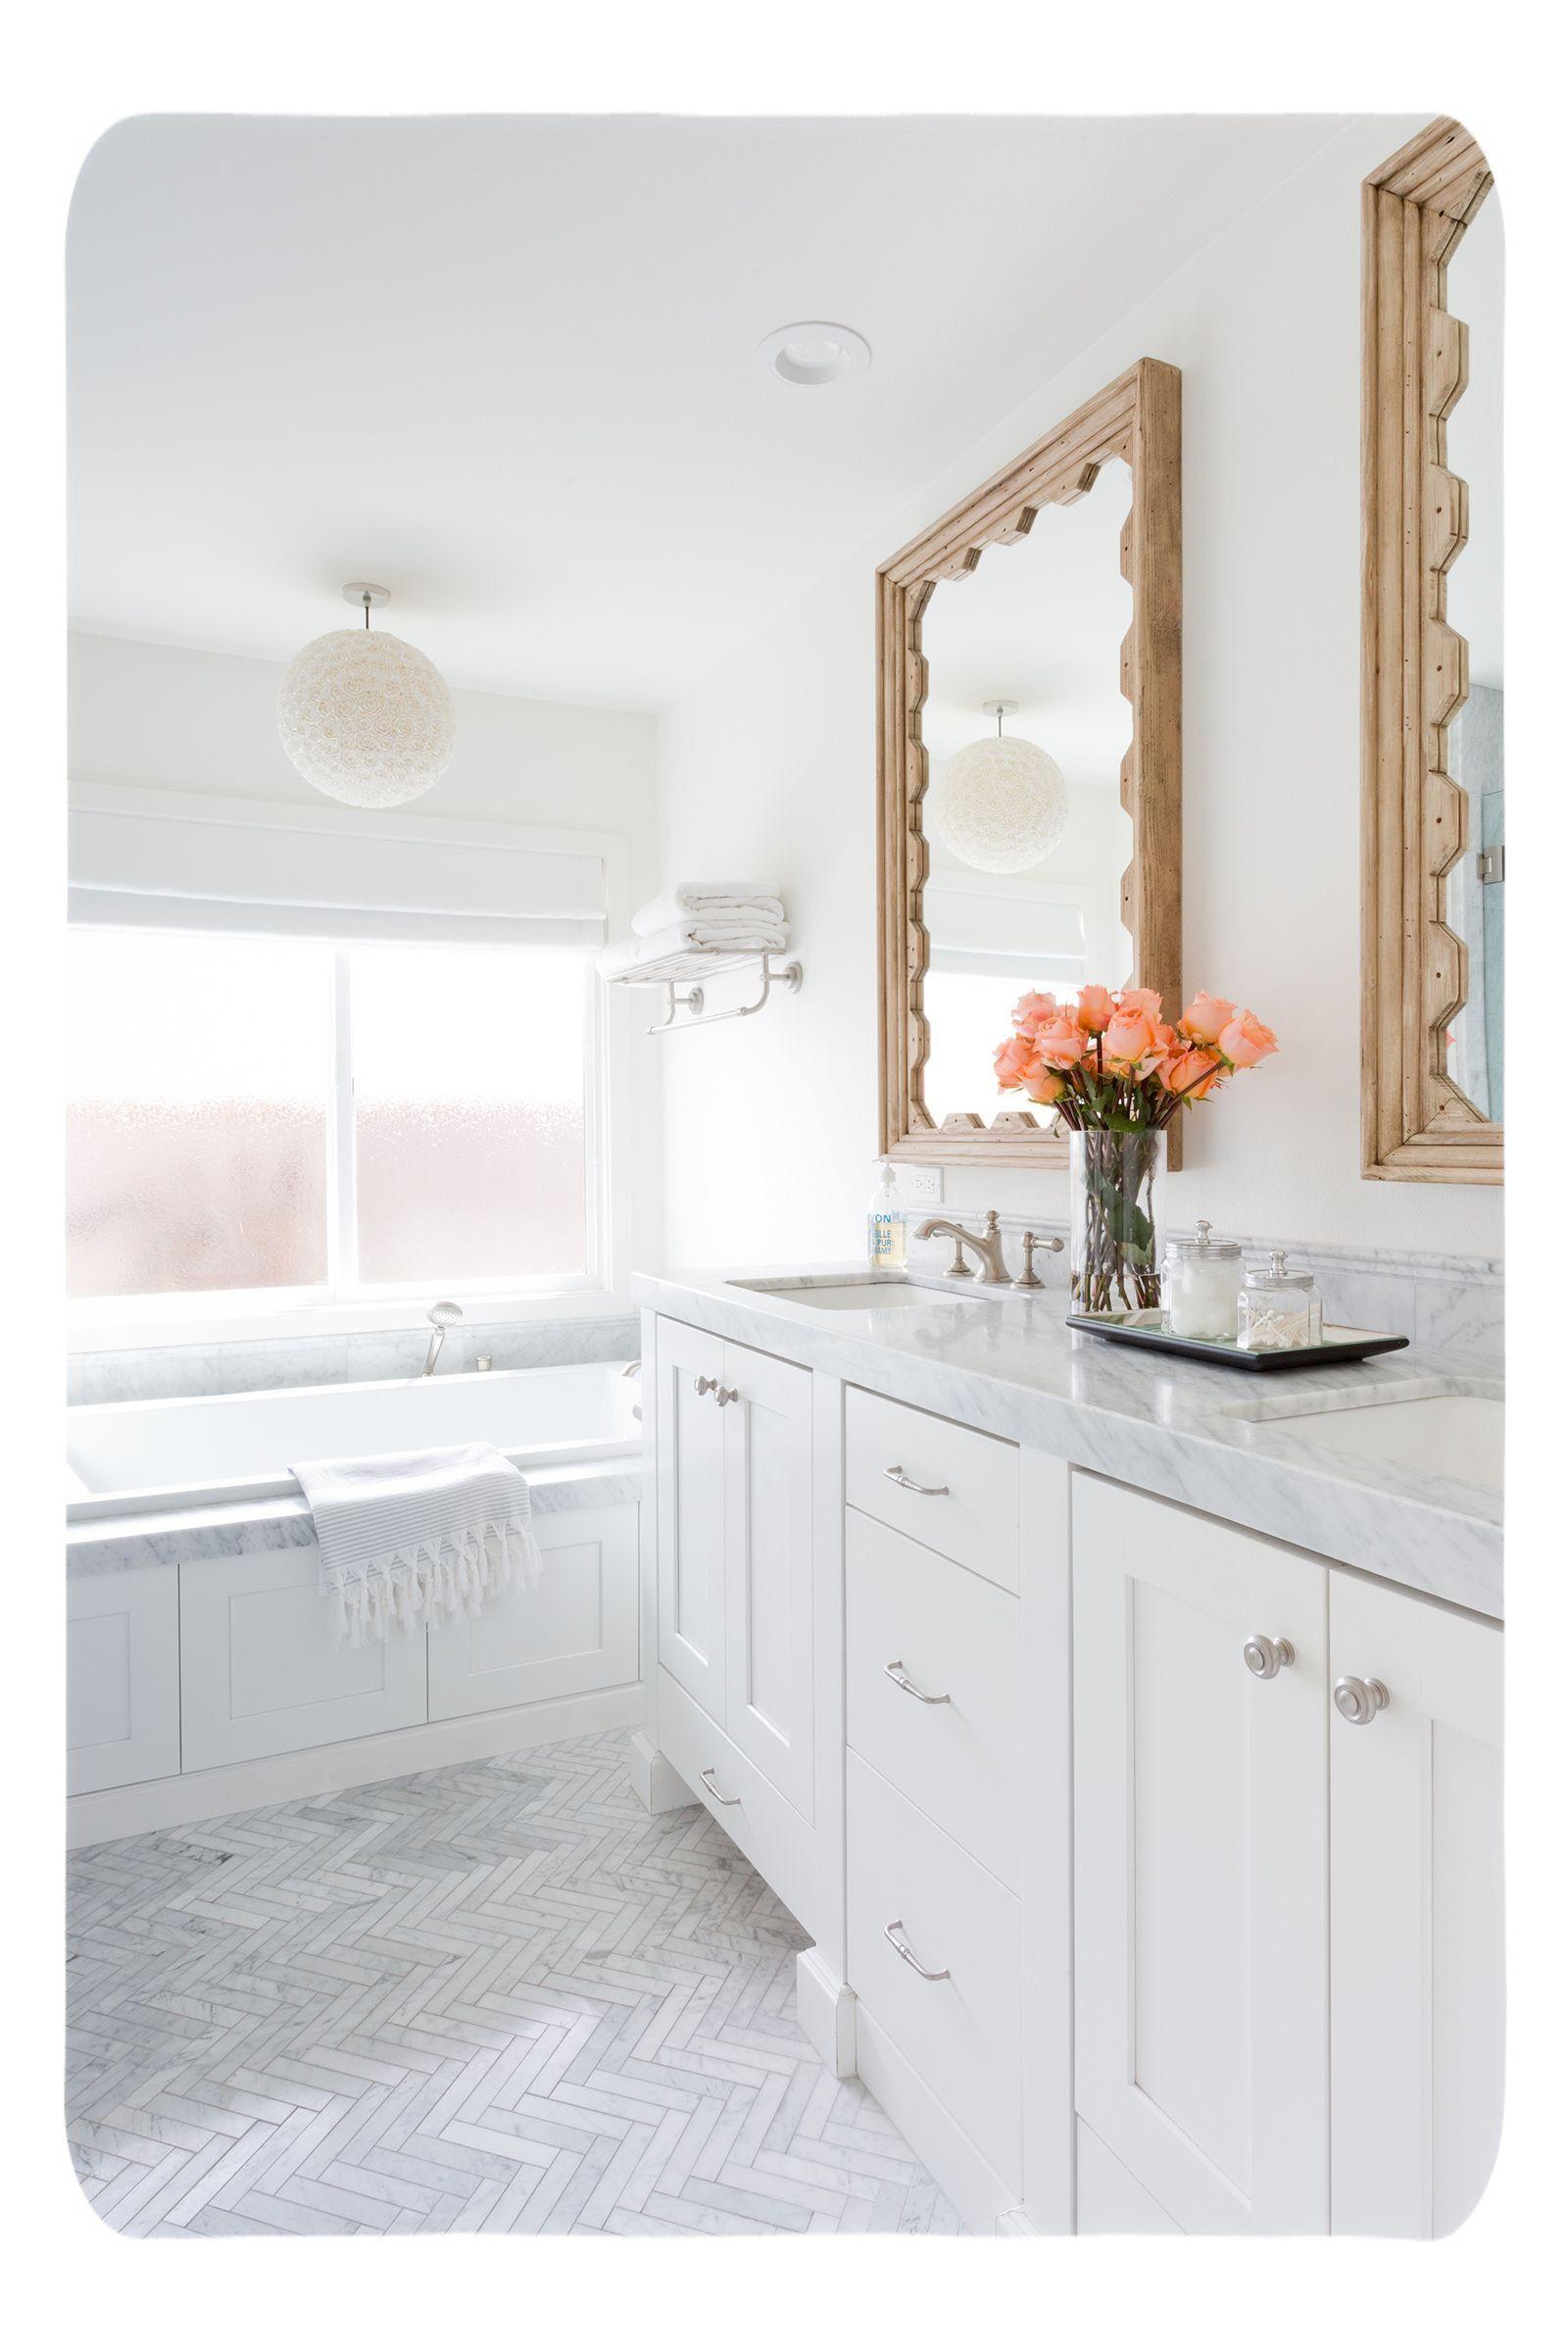 Bathroom Decor. Generate a splash with your bathroom furnishings by ...